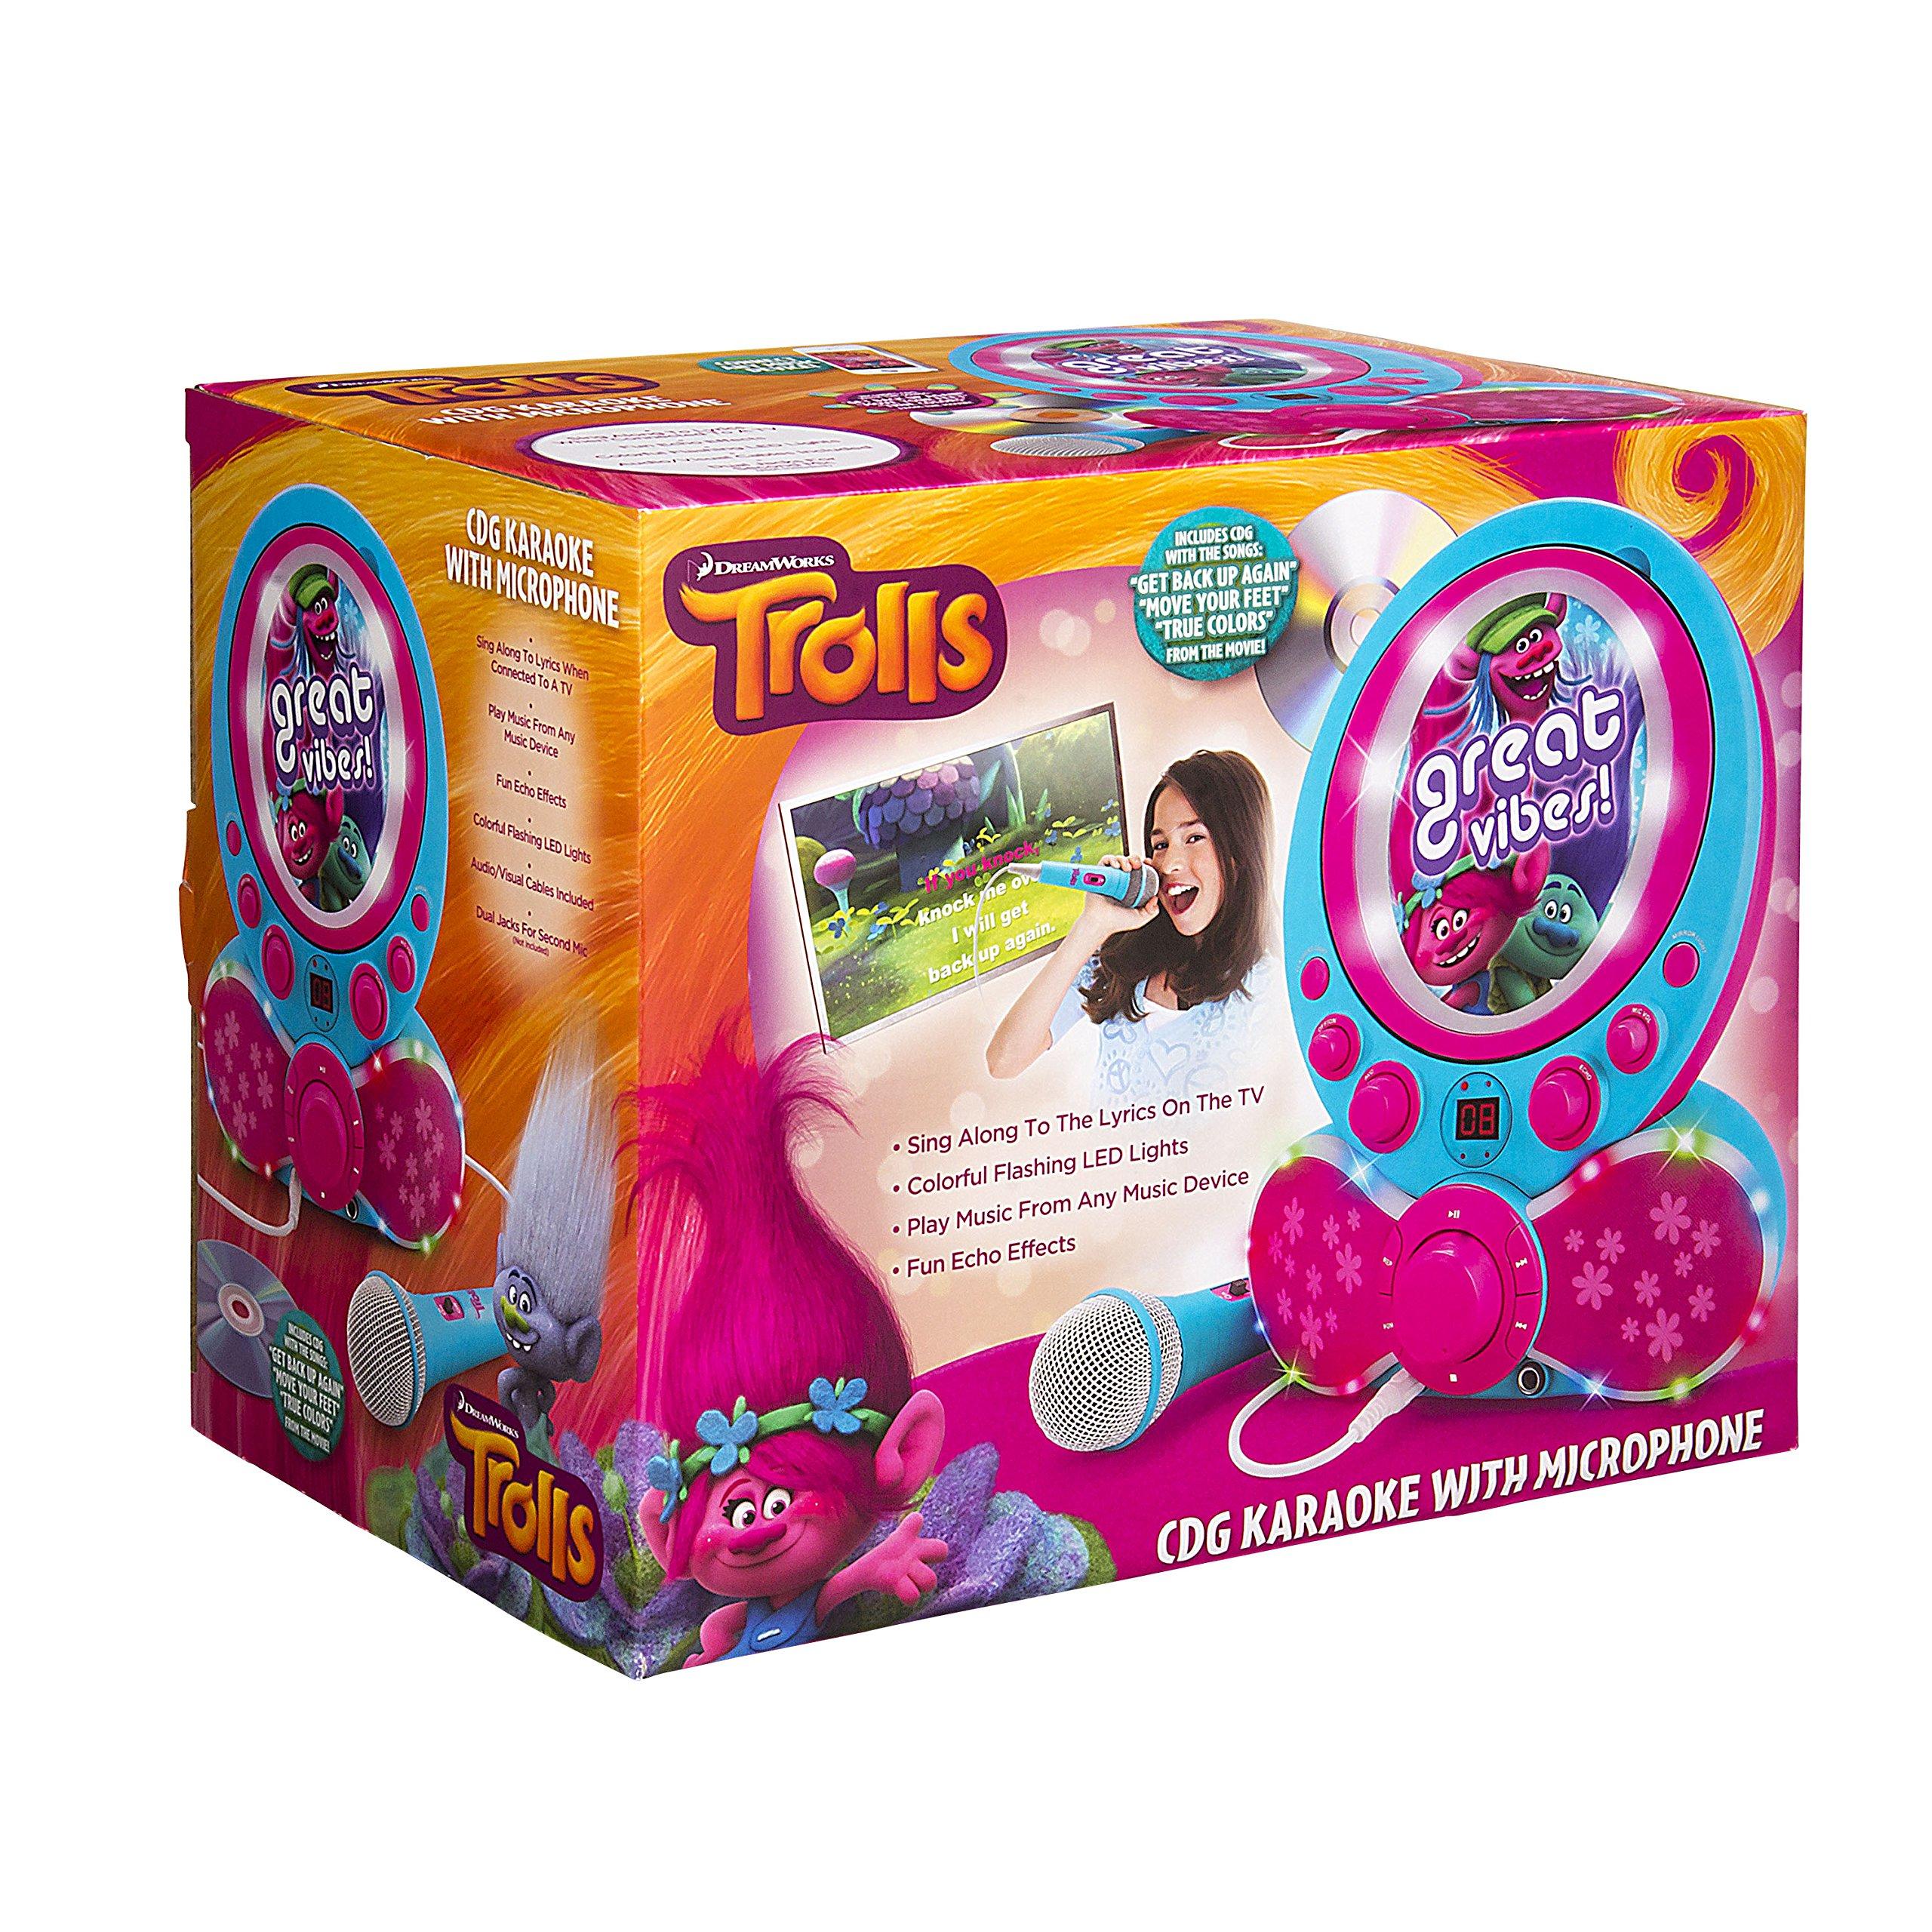 KIDdesigns Trolls CDG Karaoke Machine CD Player with Microphone by KIDdesigns (Image #6)